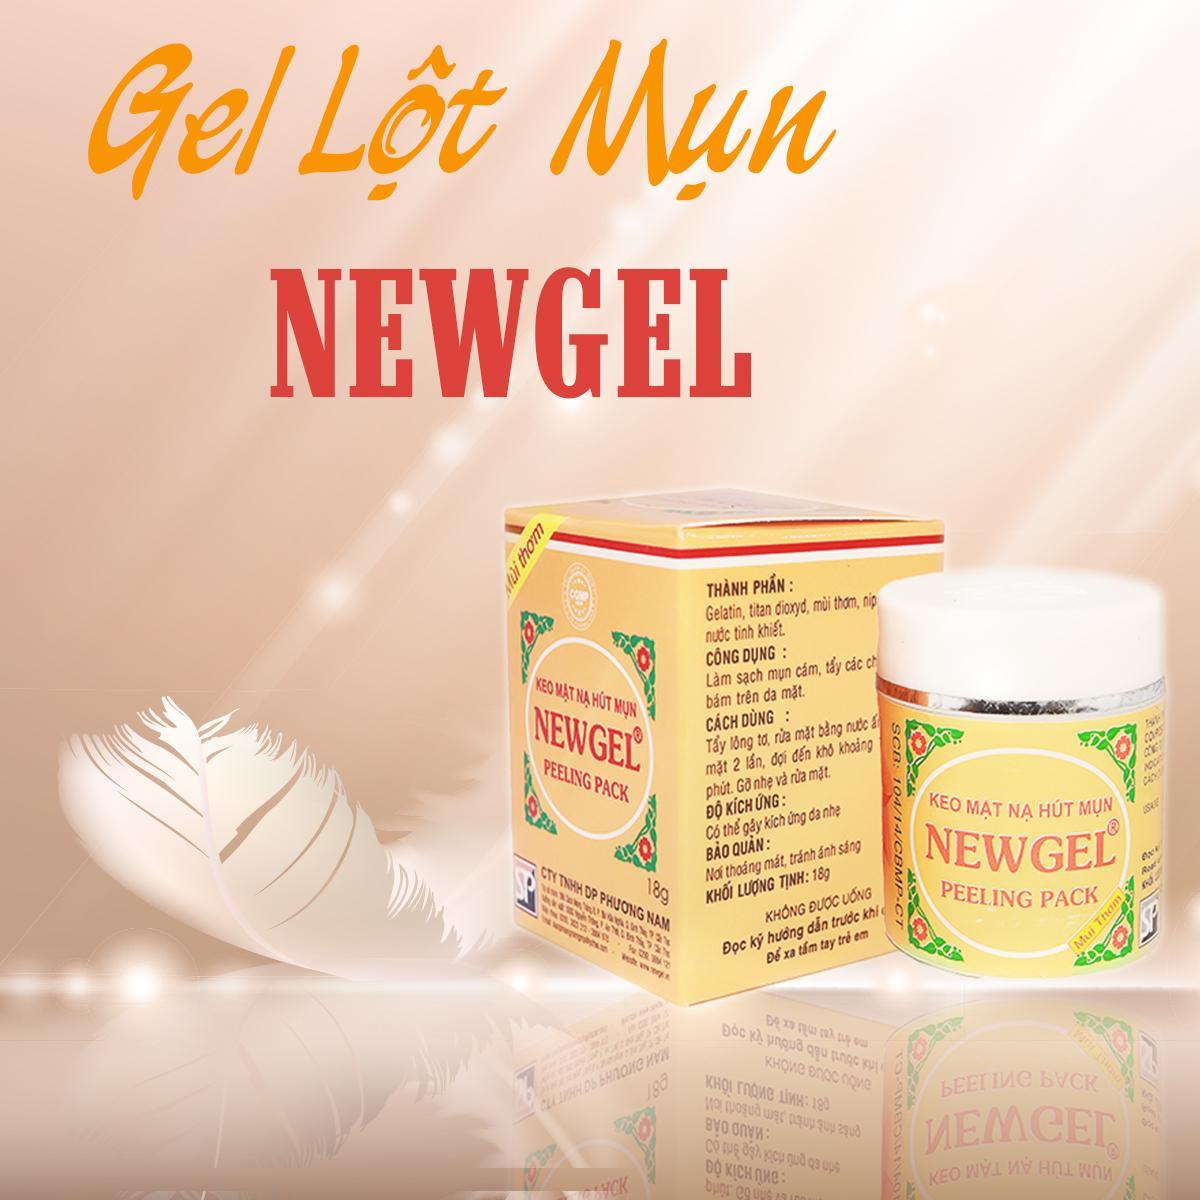 Gel mặt nạ lột mụn NEWGEL - Lột sạch các loại mụn - Mùi thơm dễ chịu chính hãng